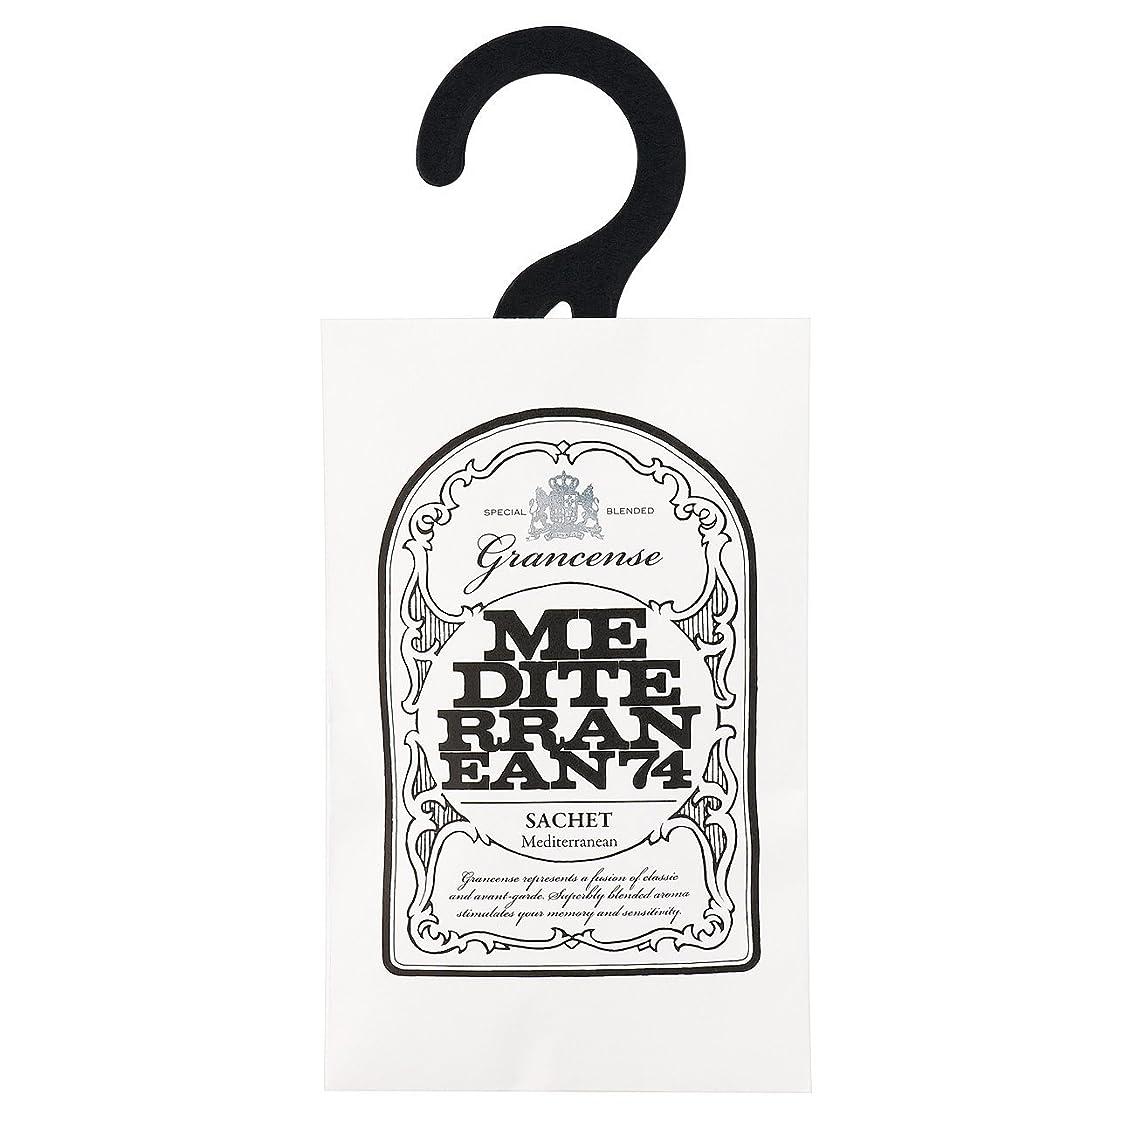 これら動的ラボグランセンス サシェ(約2~4週間) メディテレーニアン 12g(芳香剤 香り袋 アロマサシェ 潮風を感じさせてくれるアクアティック?フローラルの香り)